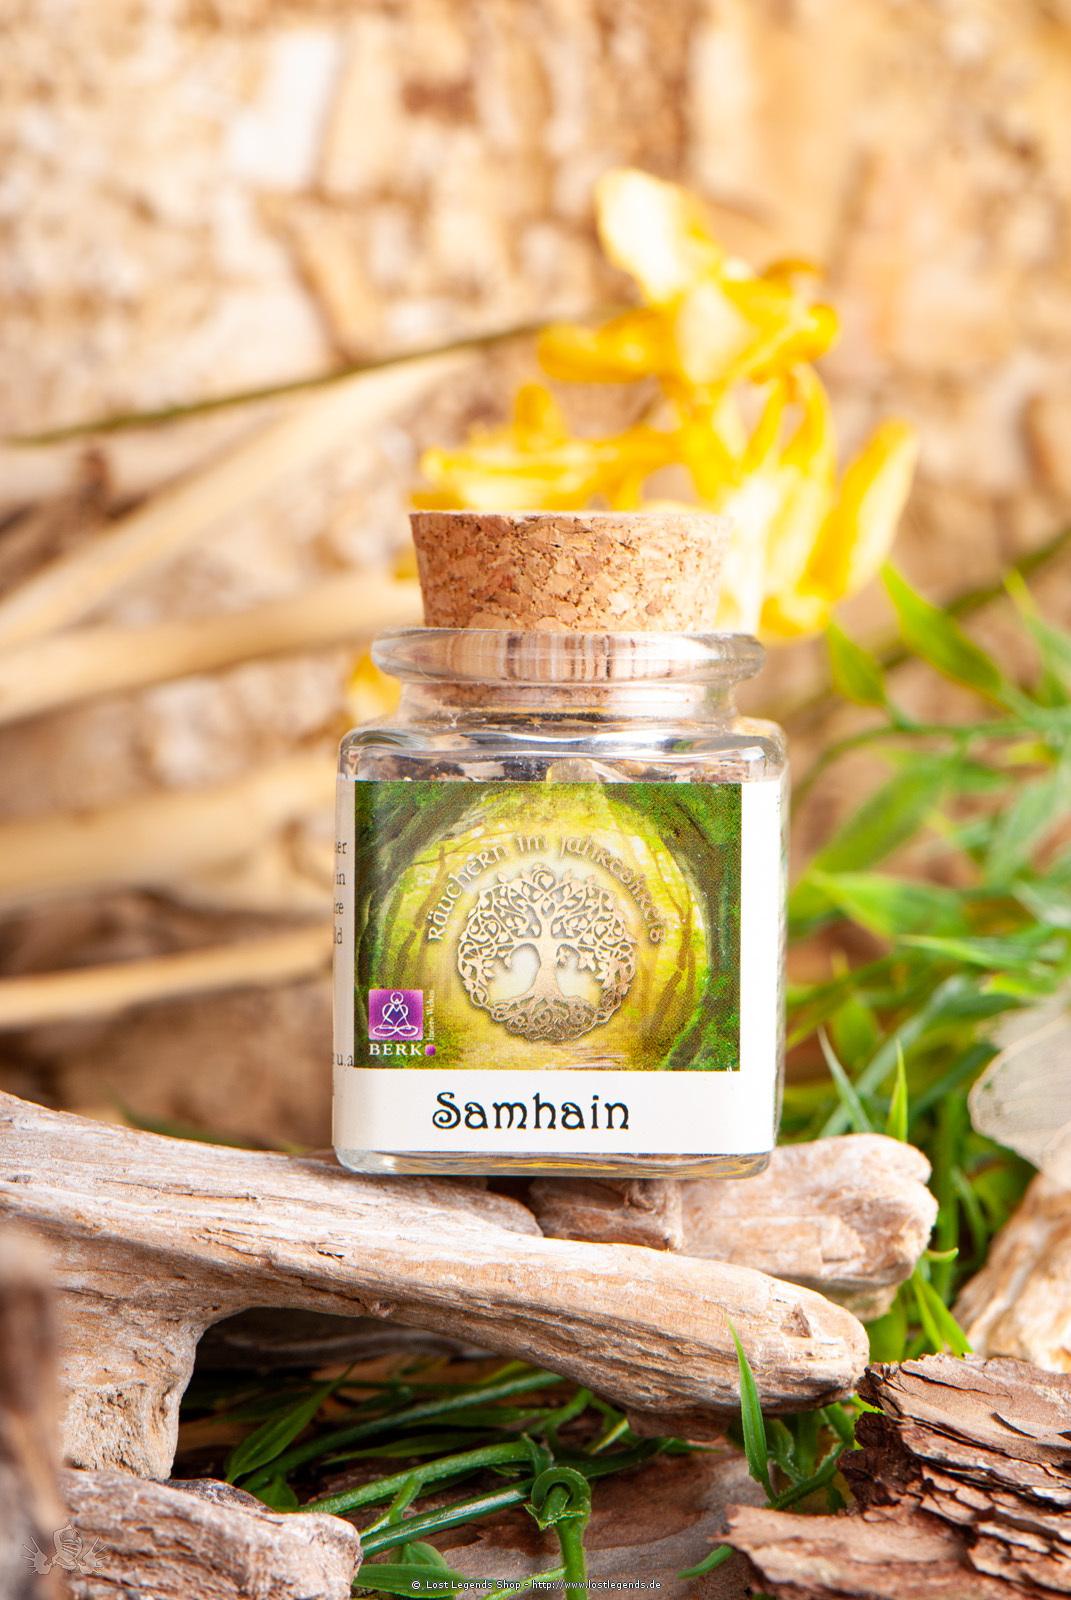 Samhain Räuchermischung, 50 ml